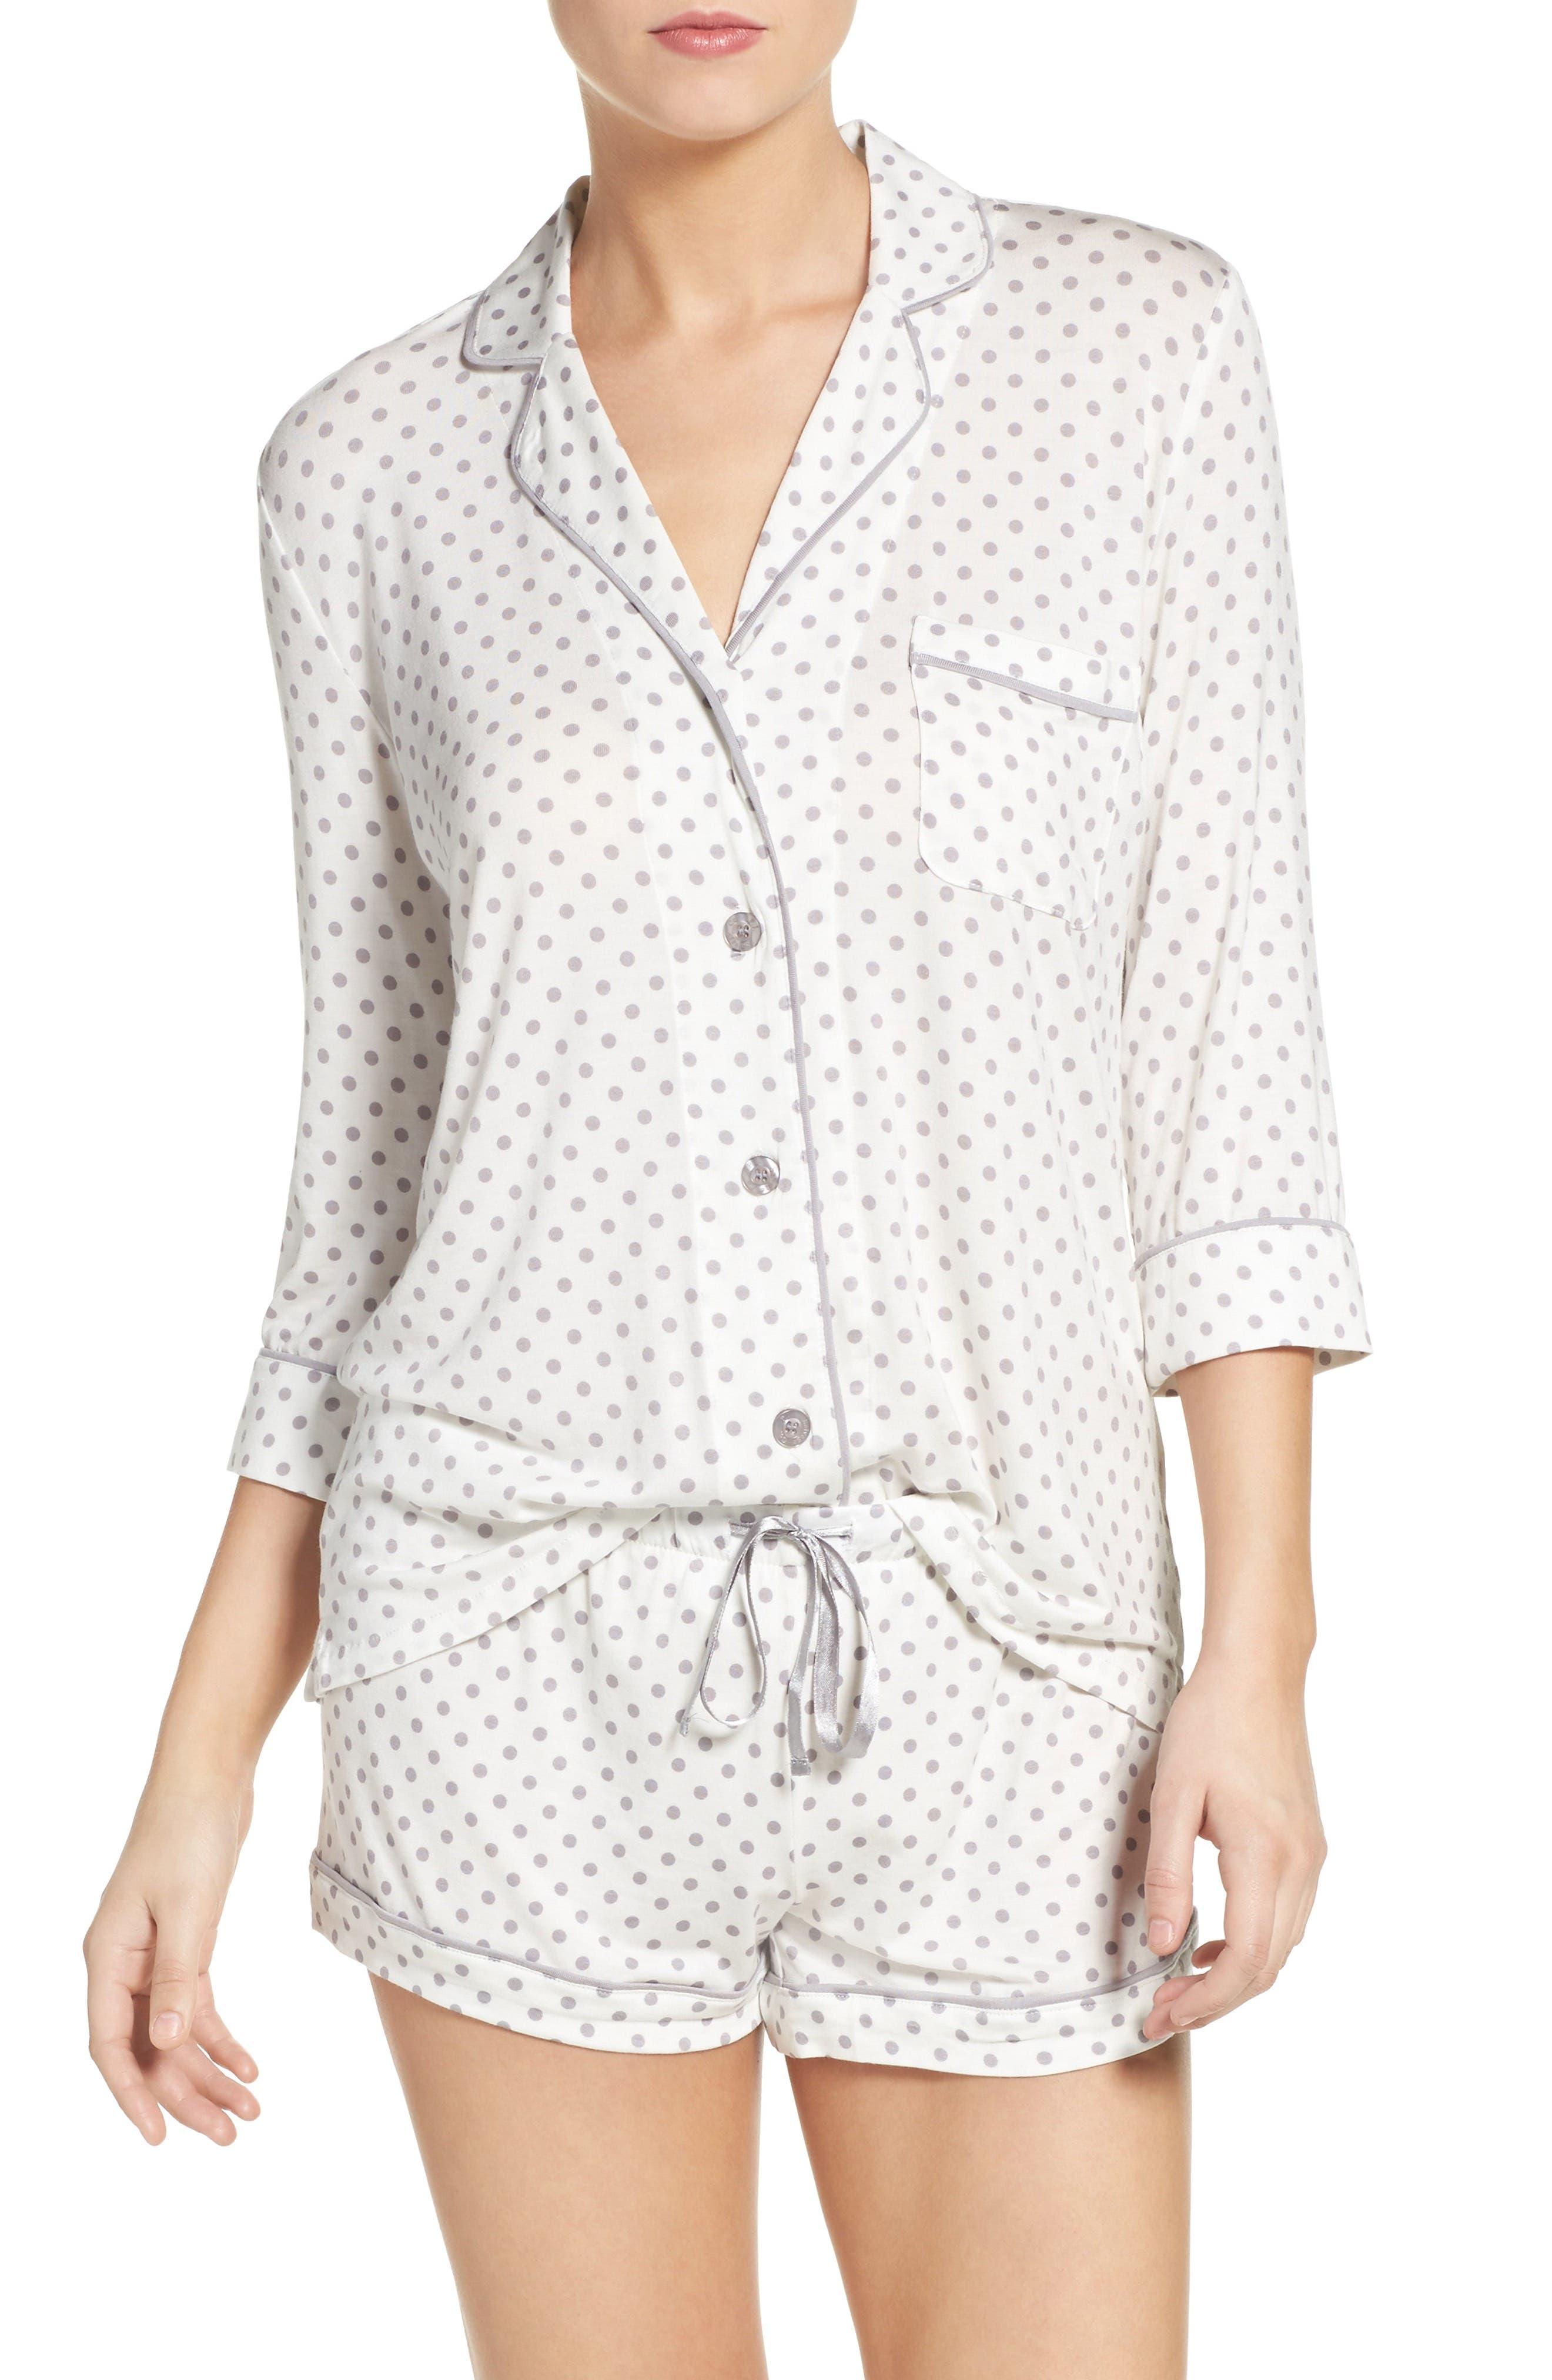 Alternate Image 1 Selected - PJ Salvage Short Pajamas